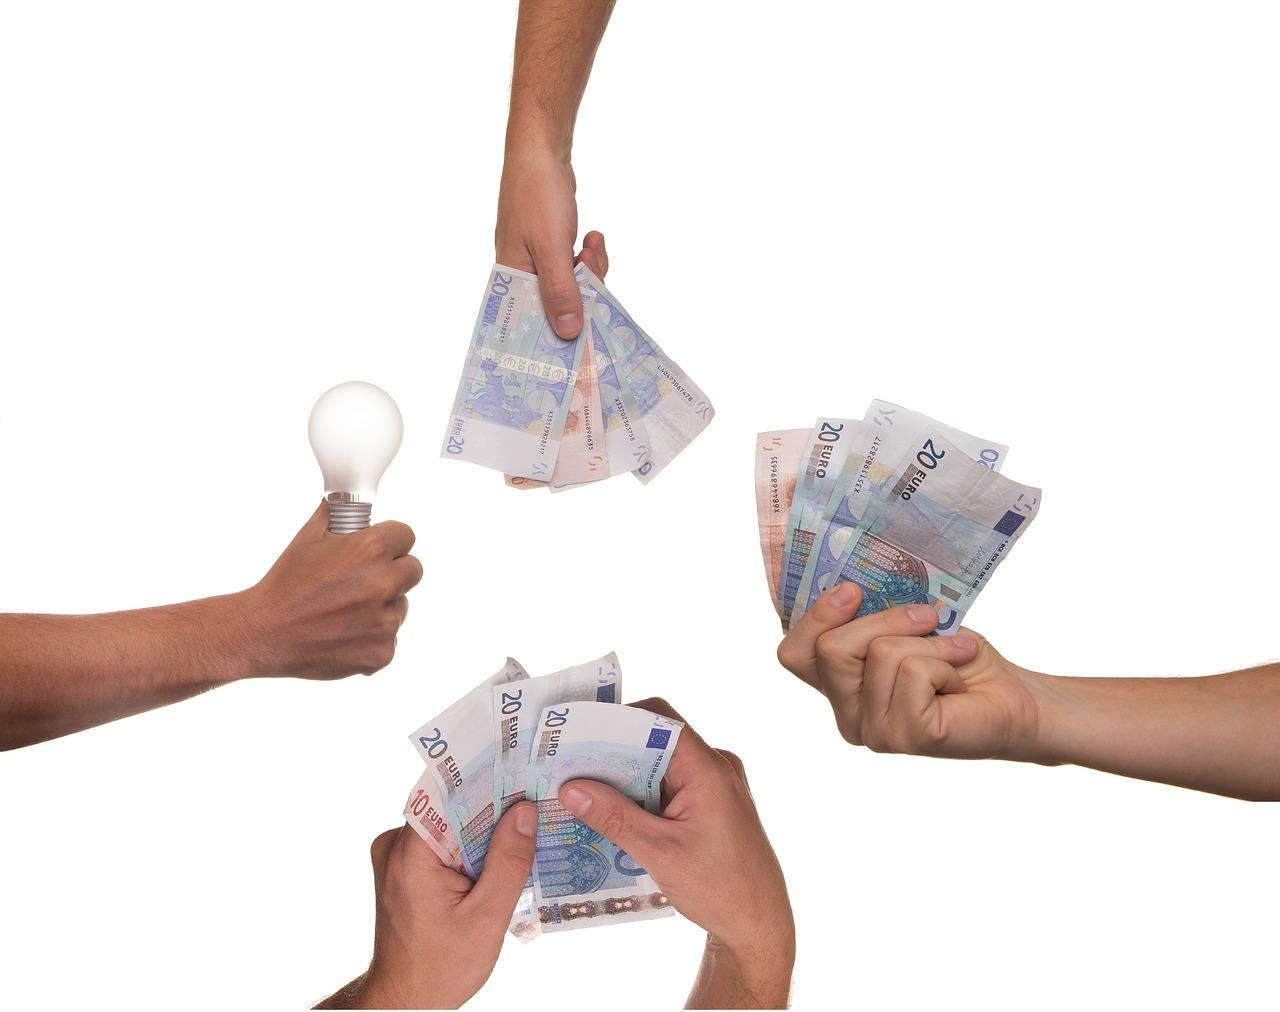 Principales Plataformas de Crowdfunding en España